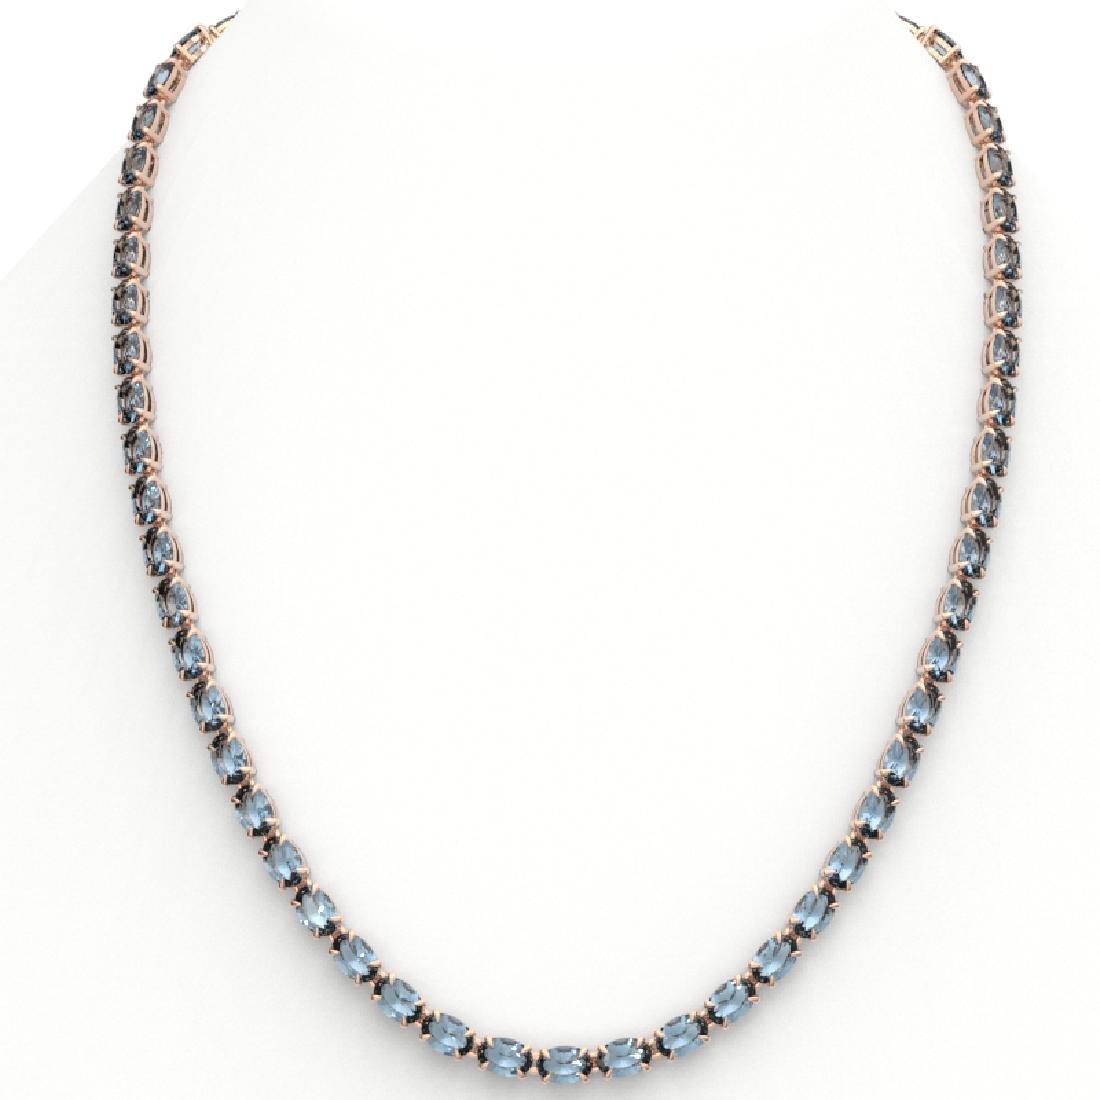 29 CTW Aquamarine Eternity Tennis Necklace 14K Rose - 3